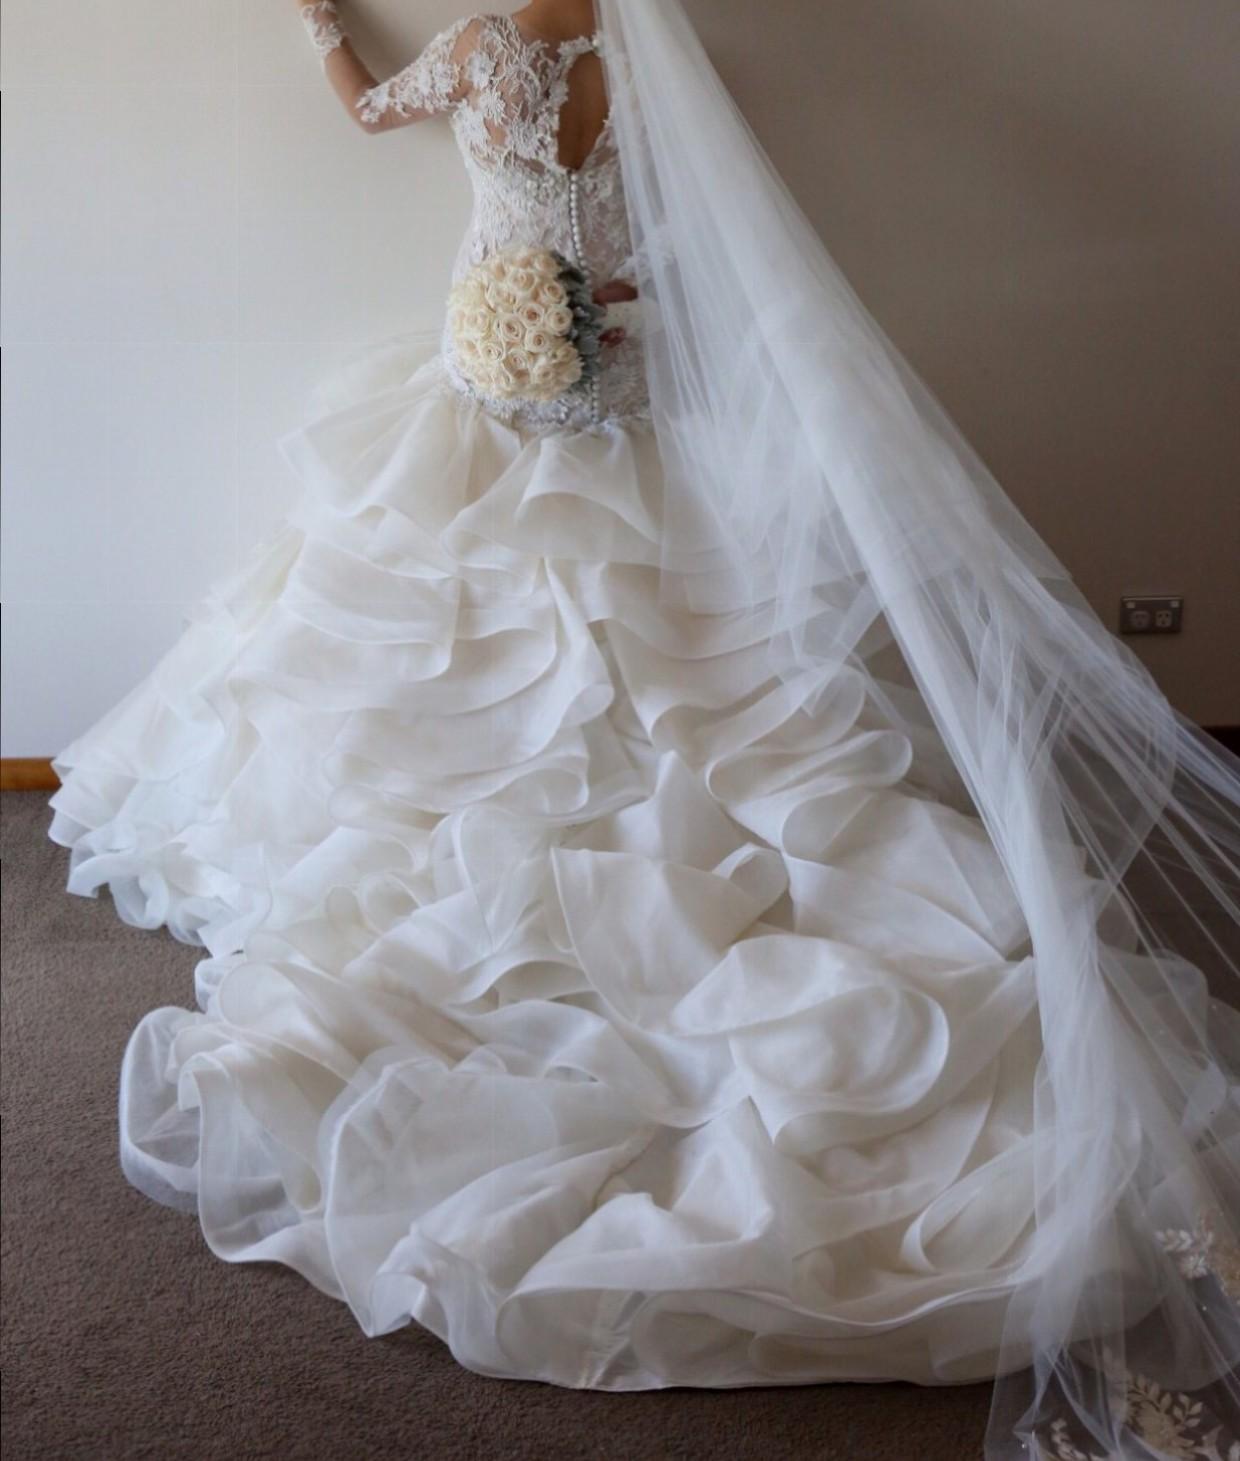 Second Hand Wedding Gown: Suzanna Blazevic Ruffle, Lace Gown Second Hand Wedding